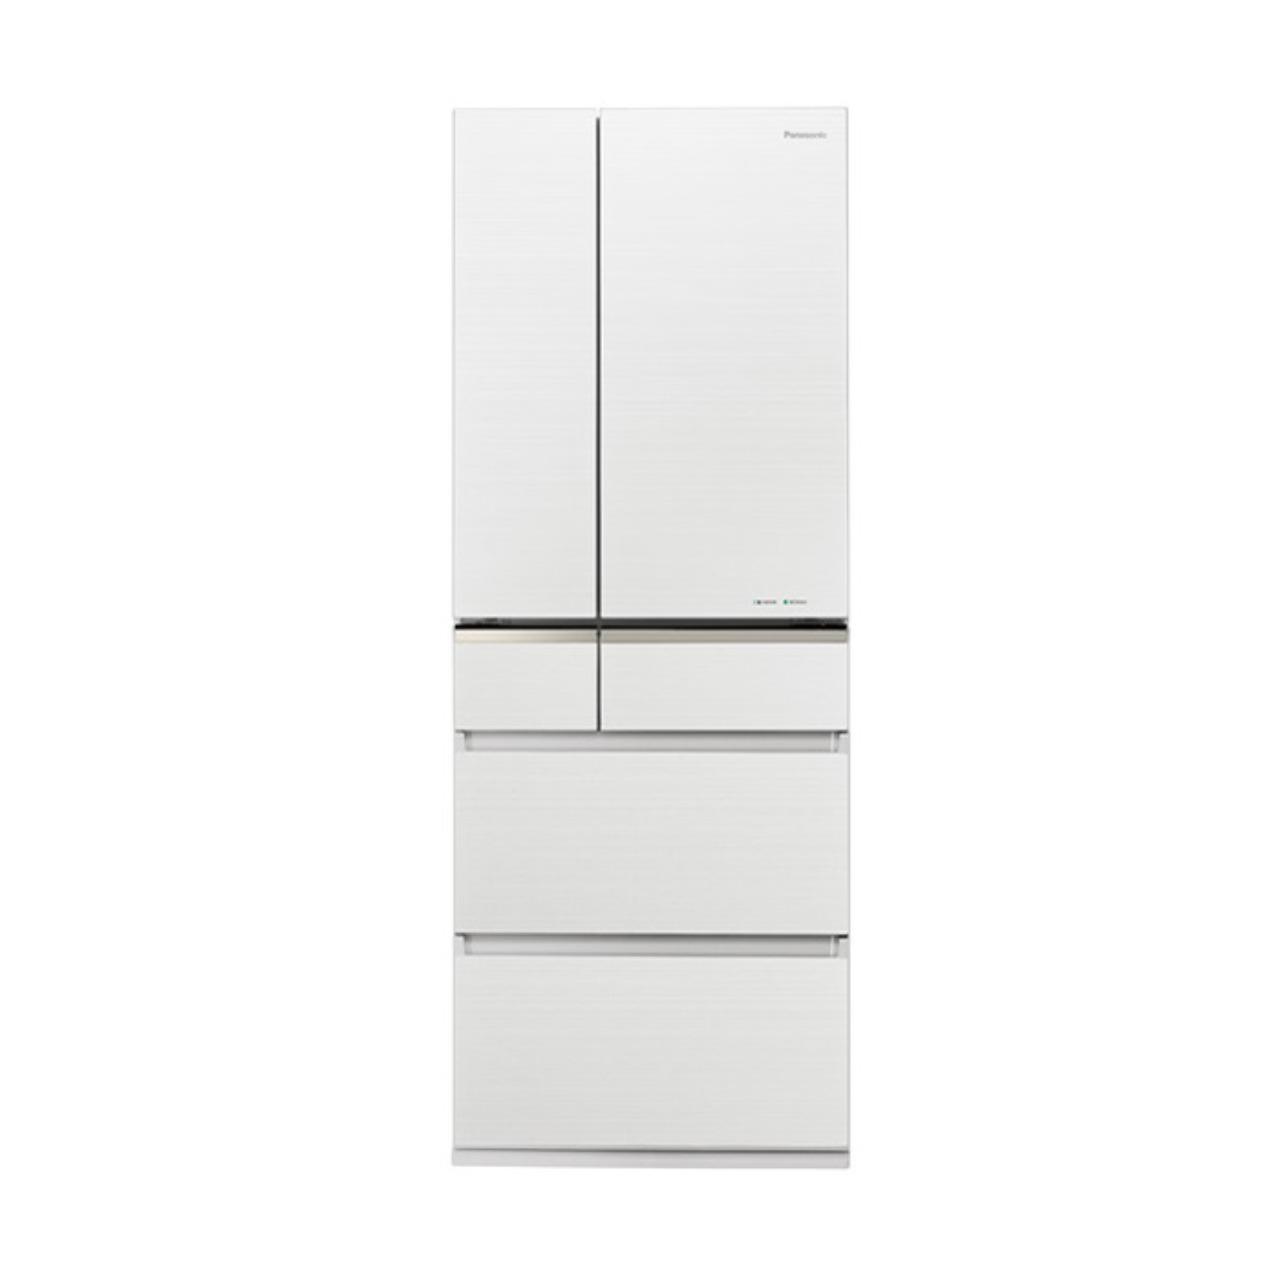 パナソニックNR-F505XPV冷蔵庫